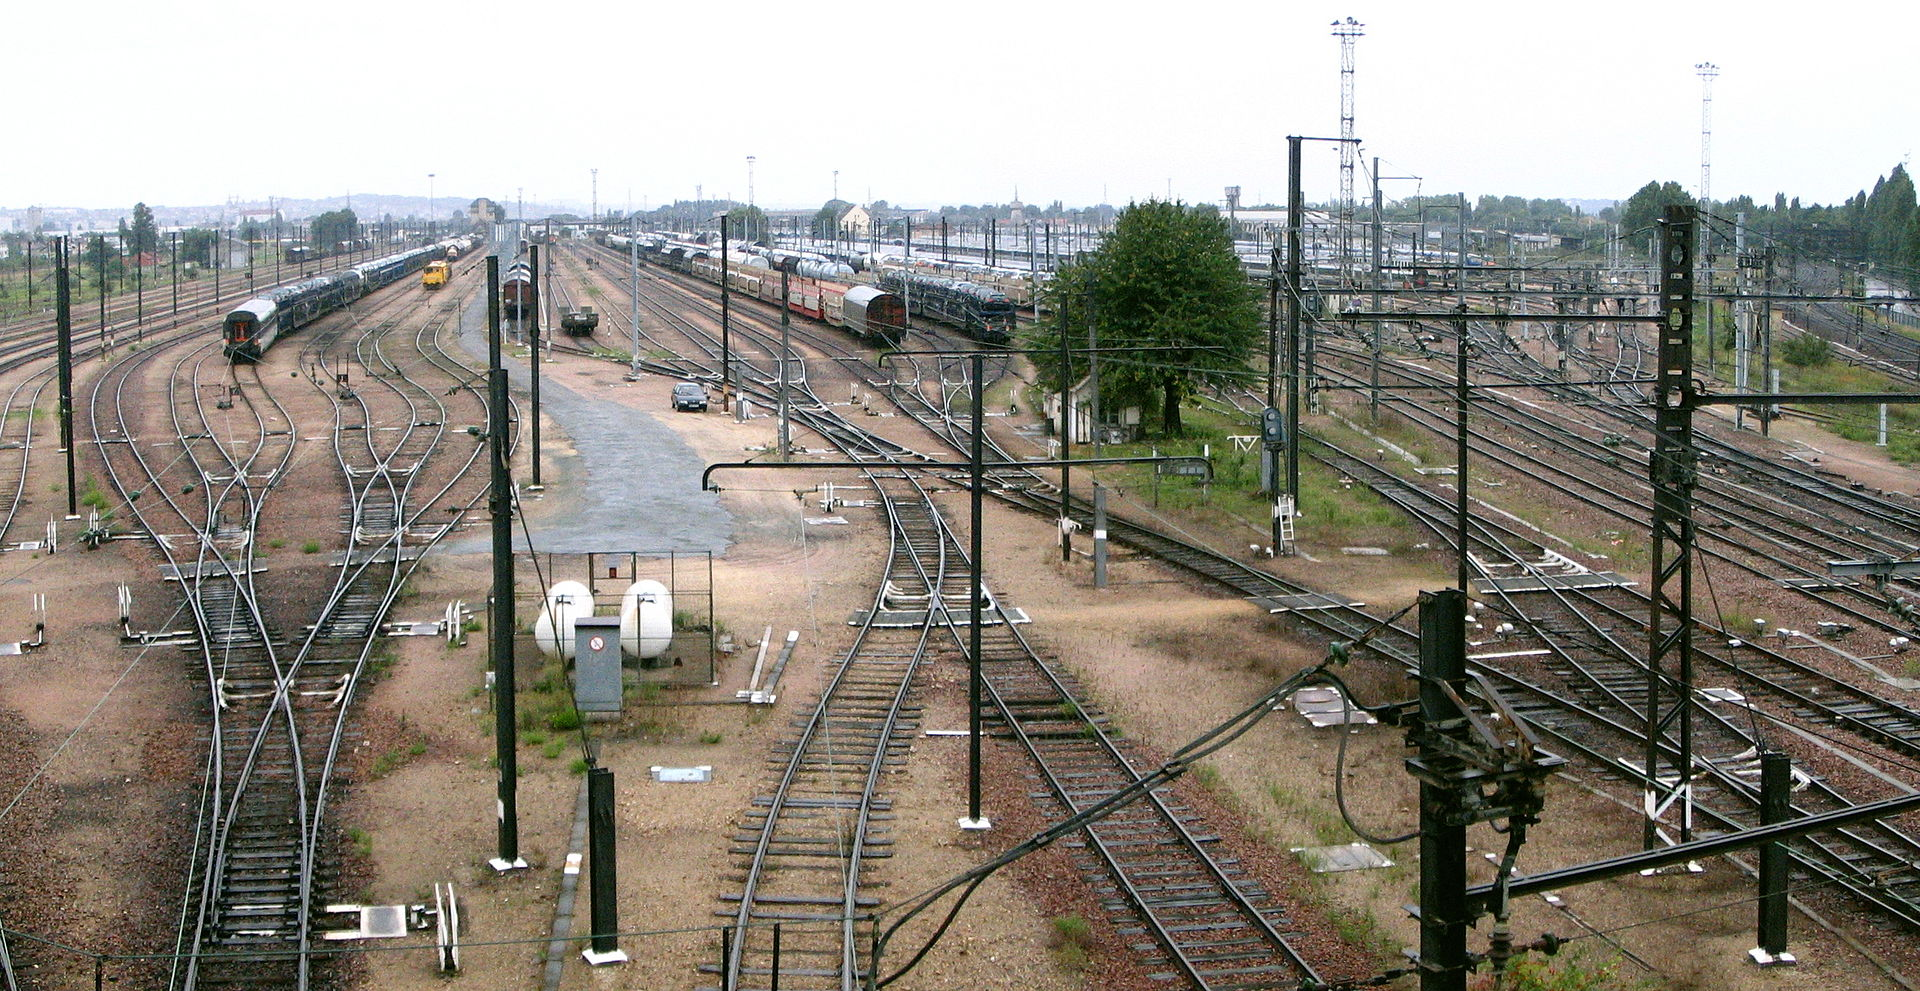 Villeneuve-Saint-Georges France  city photo : TOP 10] Les pires villes de France sur le forum Blabla 15 18 ans 05 ...